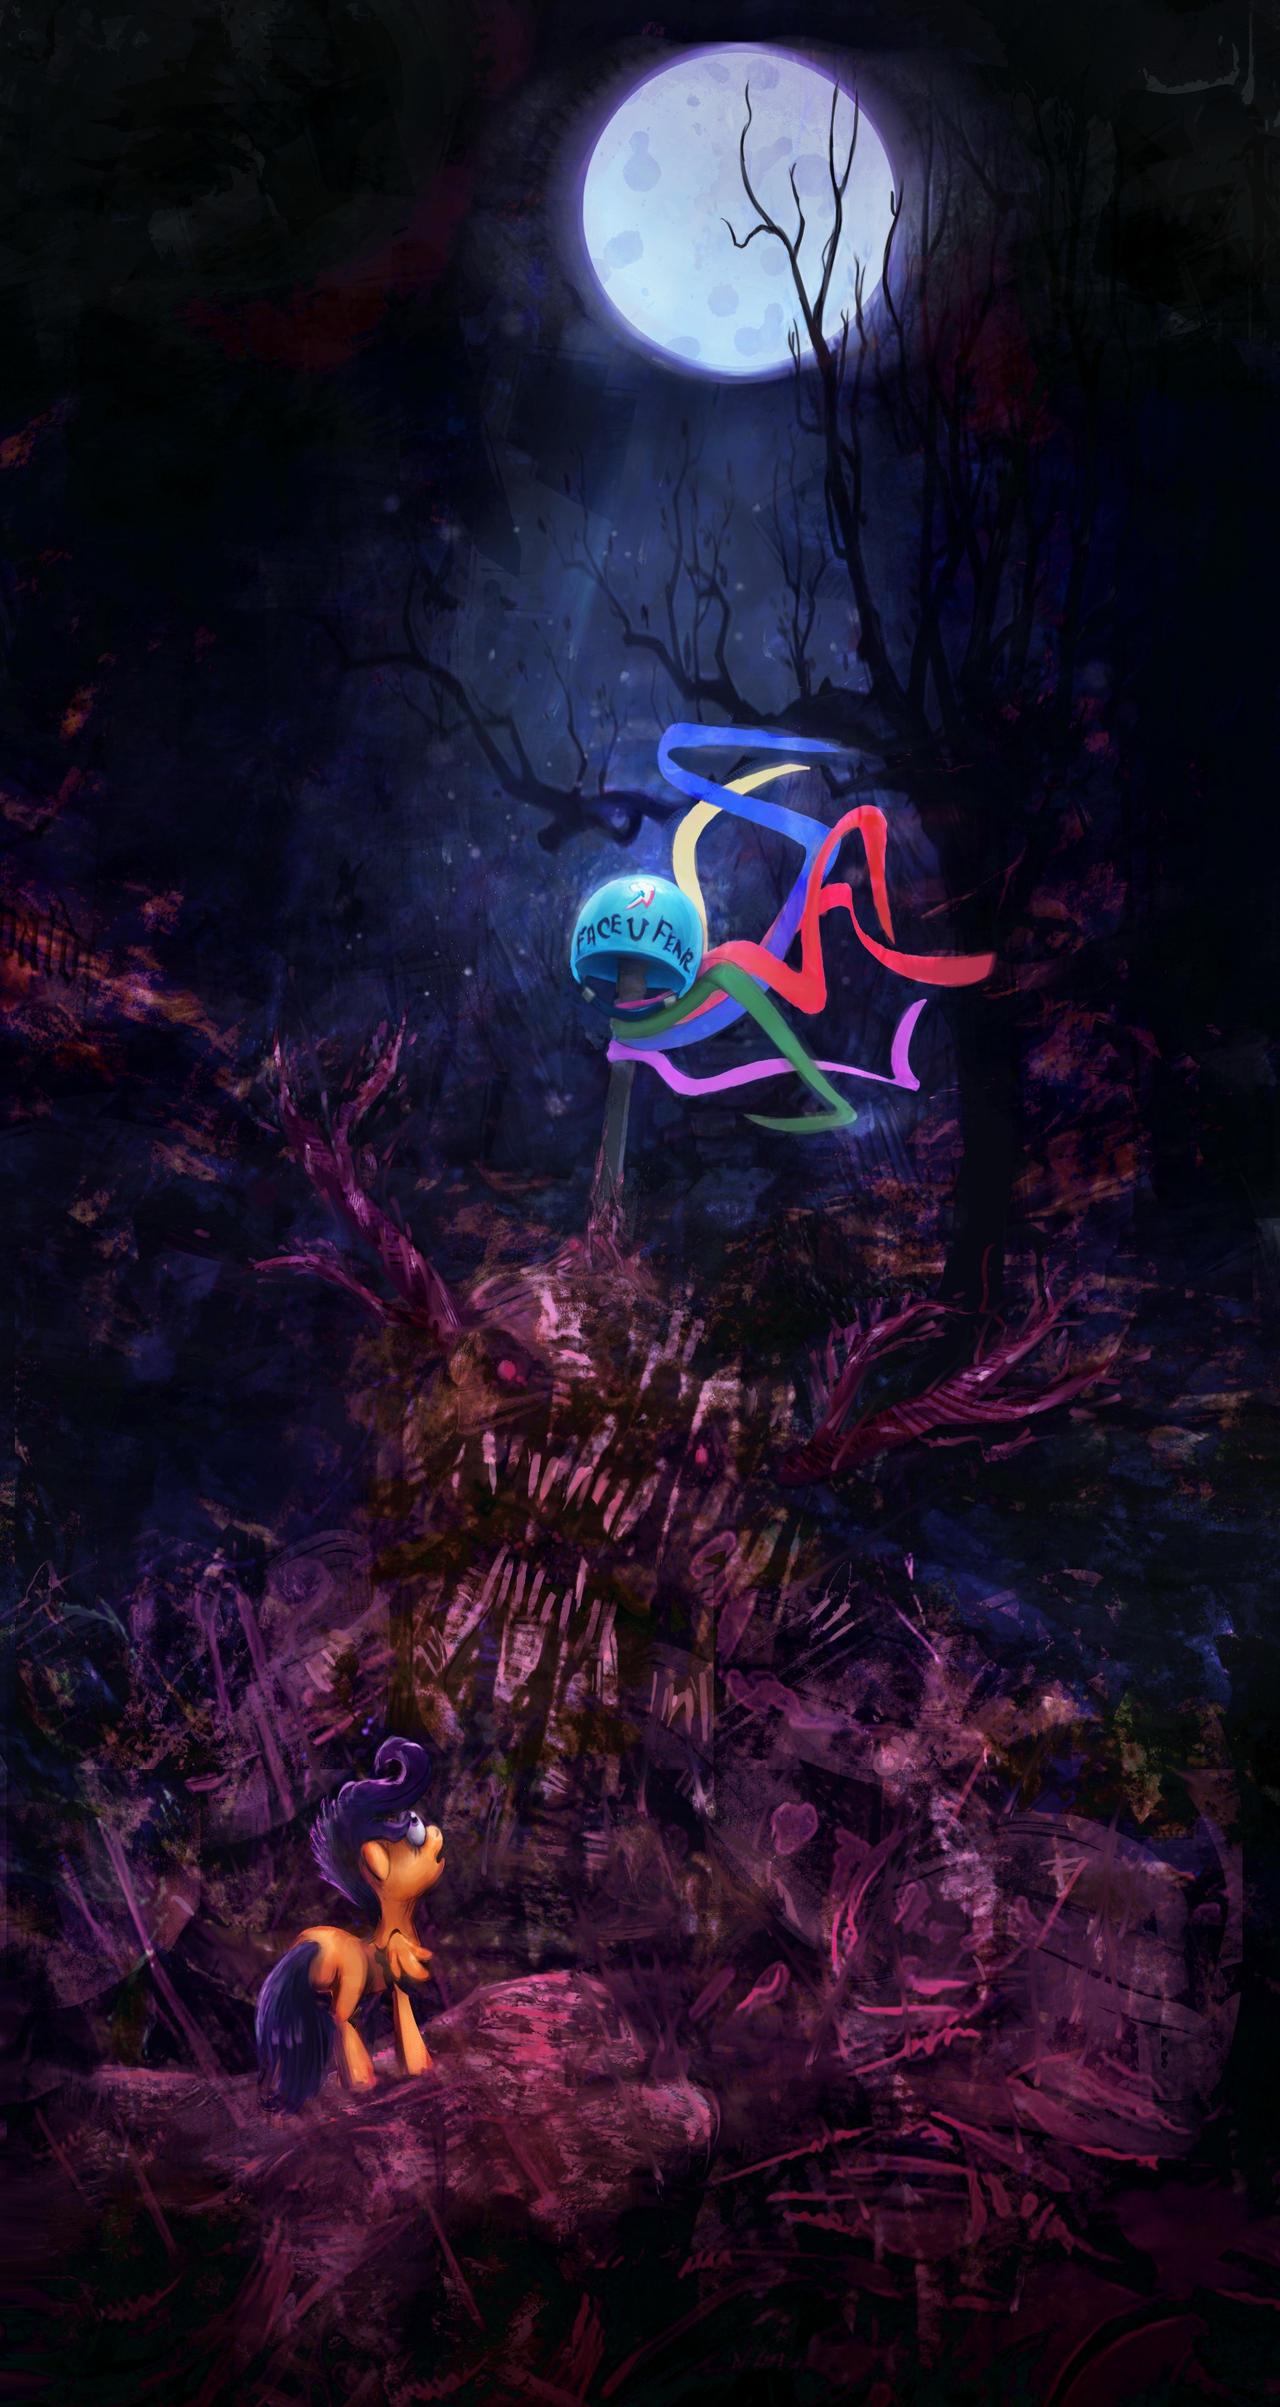 Stuck in nightmare by Miradge